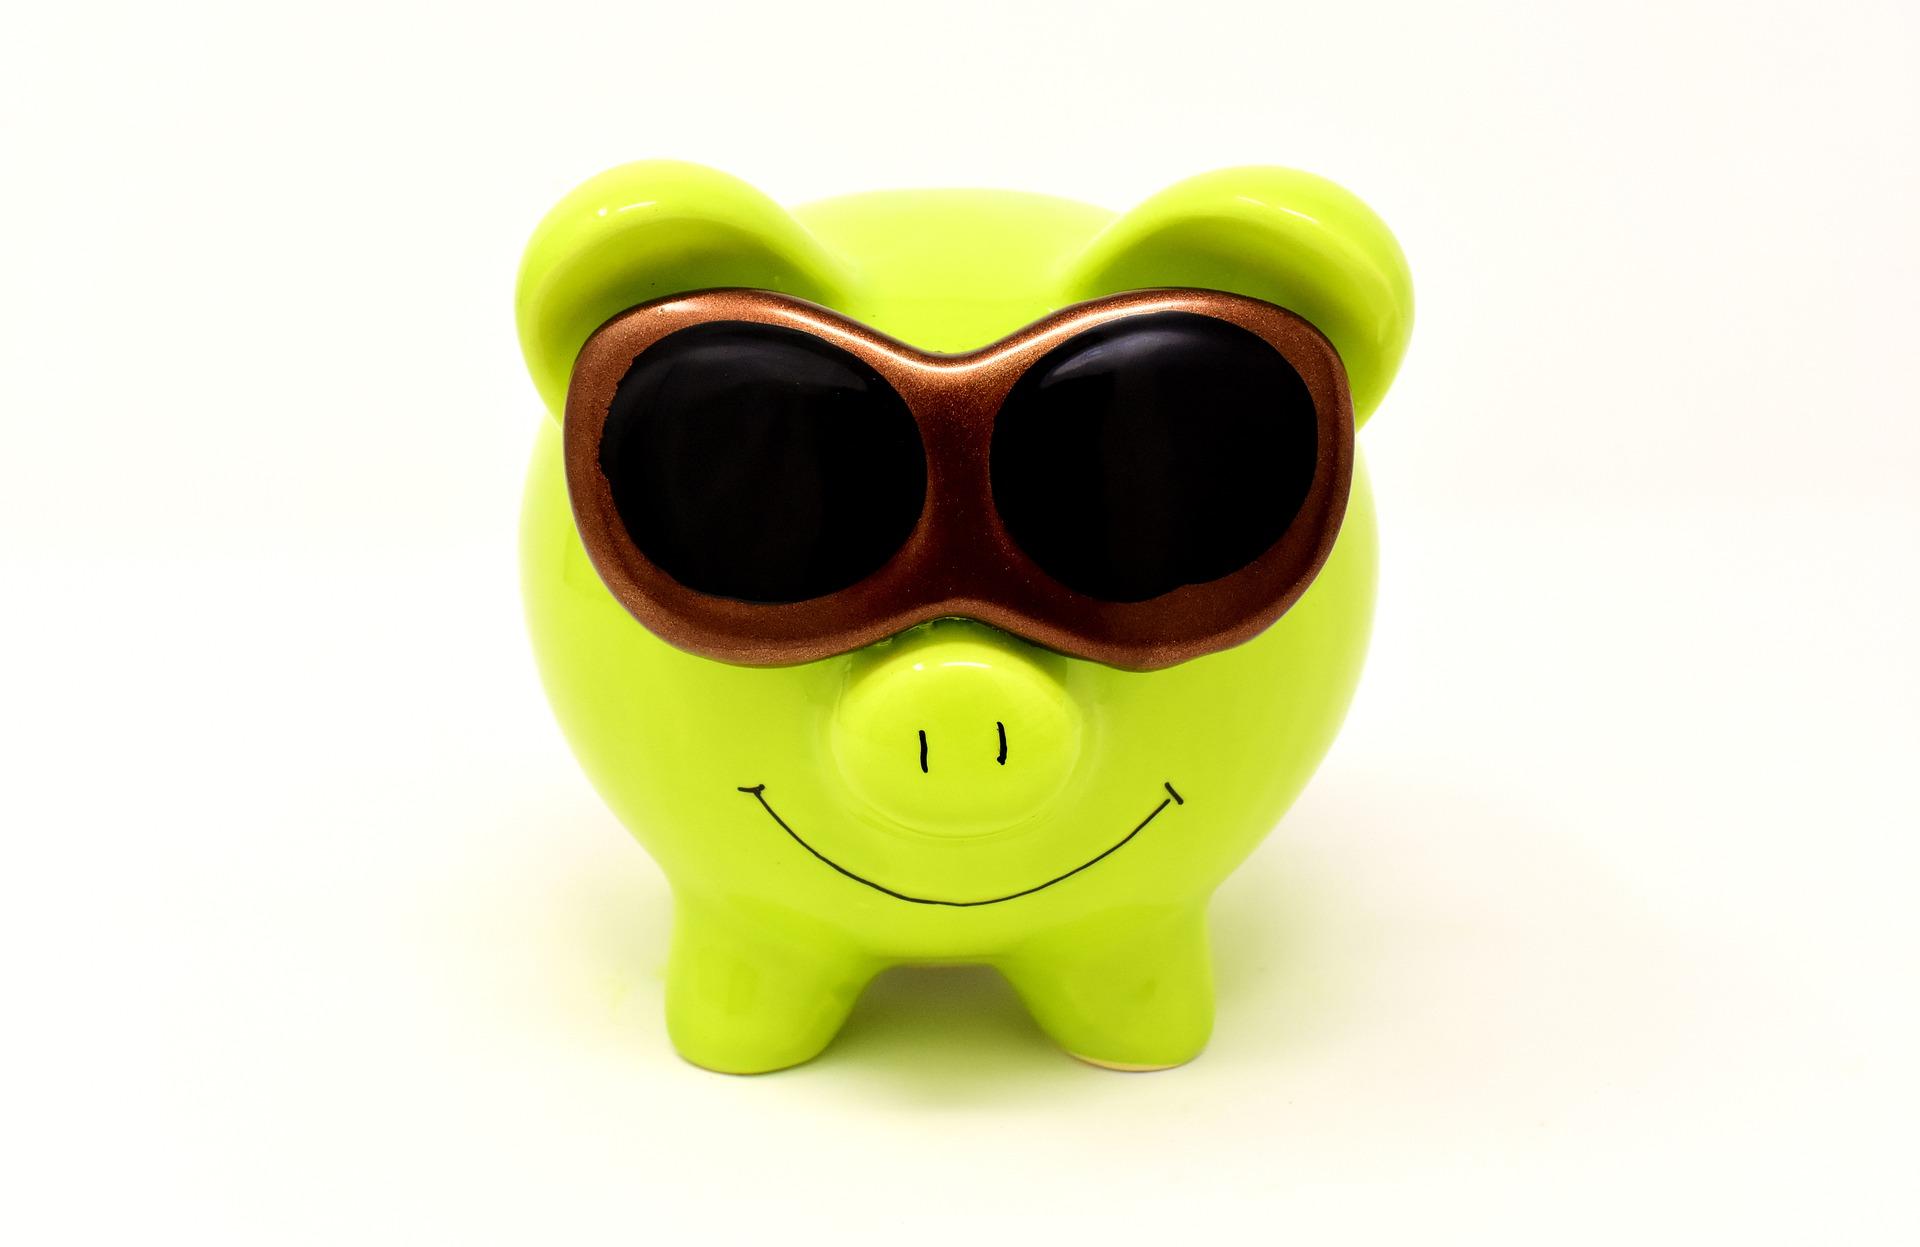 piggy-bank-3117655_1920